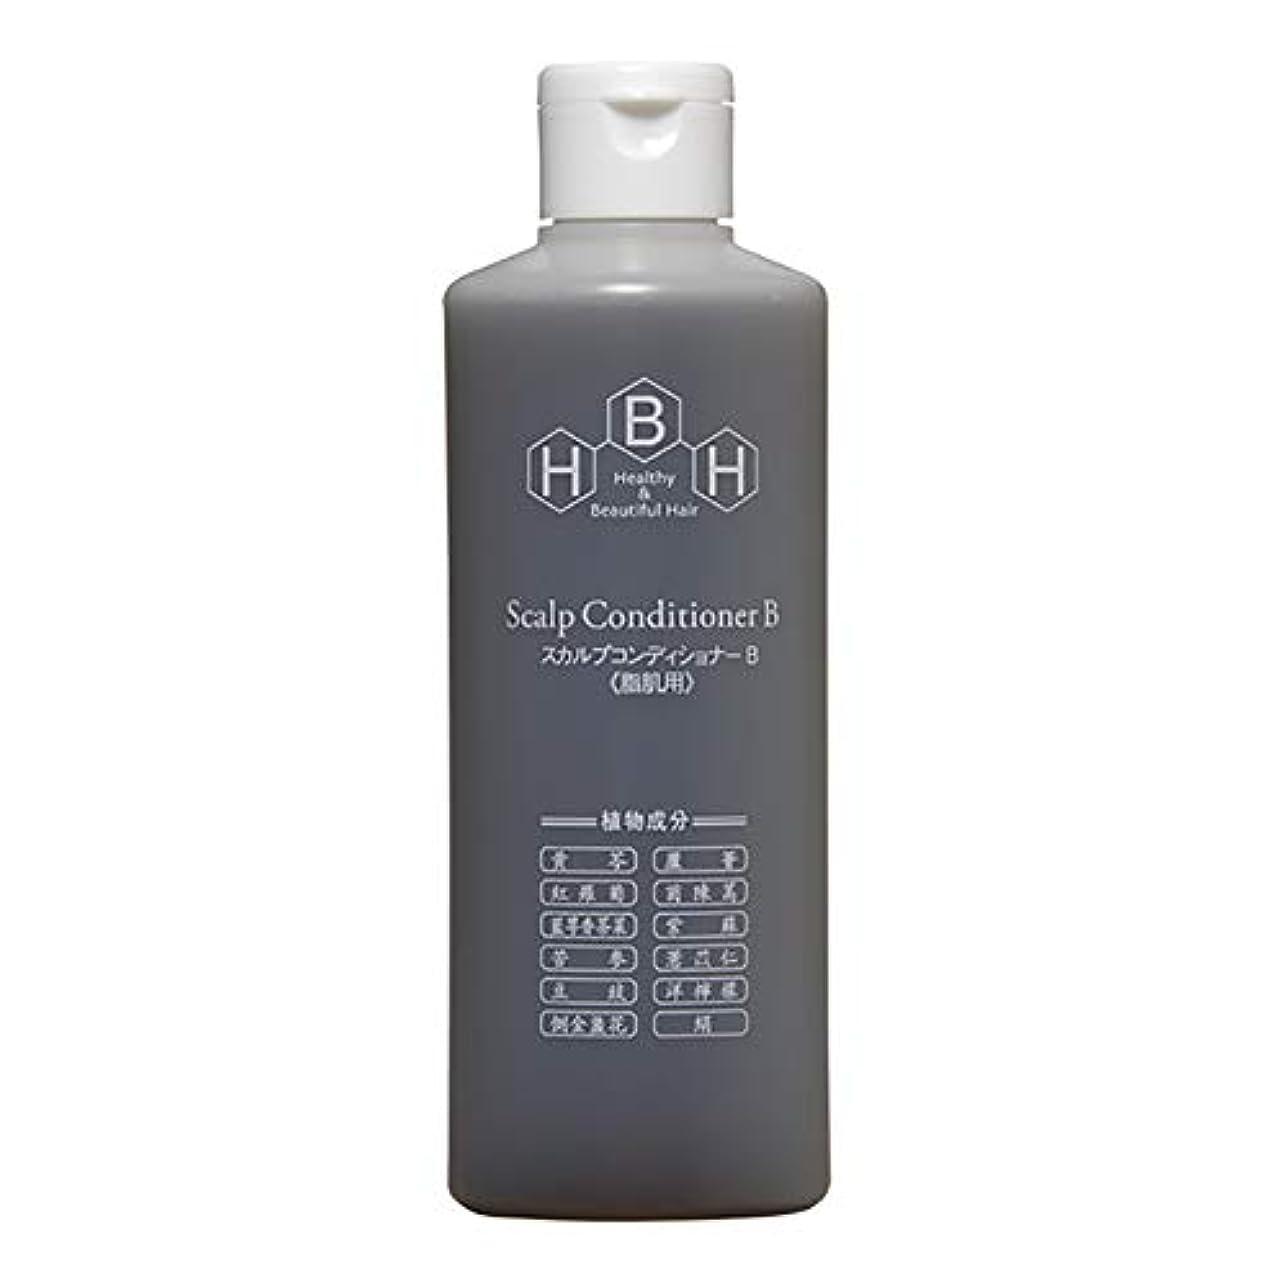 高価な望ましいバレーボールリーブ21 スカルプコンディショナーB 脂性肌用 300ml 育毛 コンディショナー 皮脂